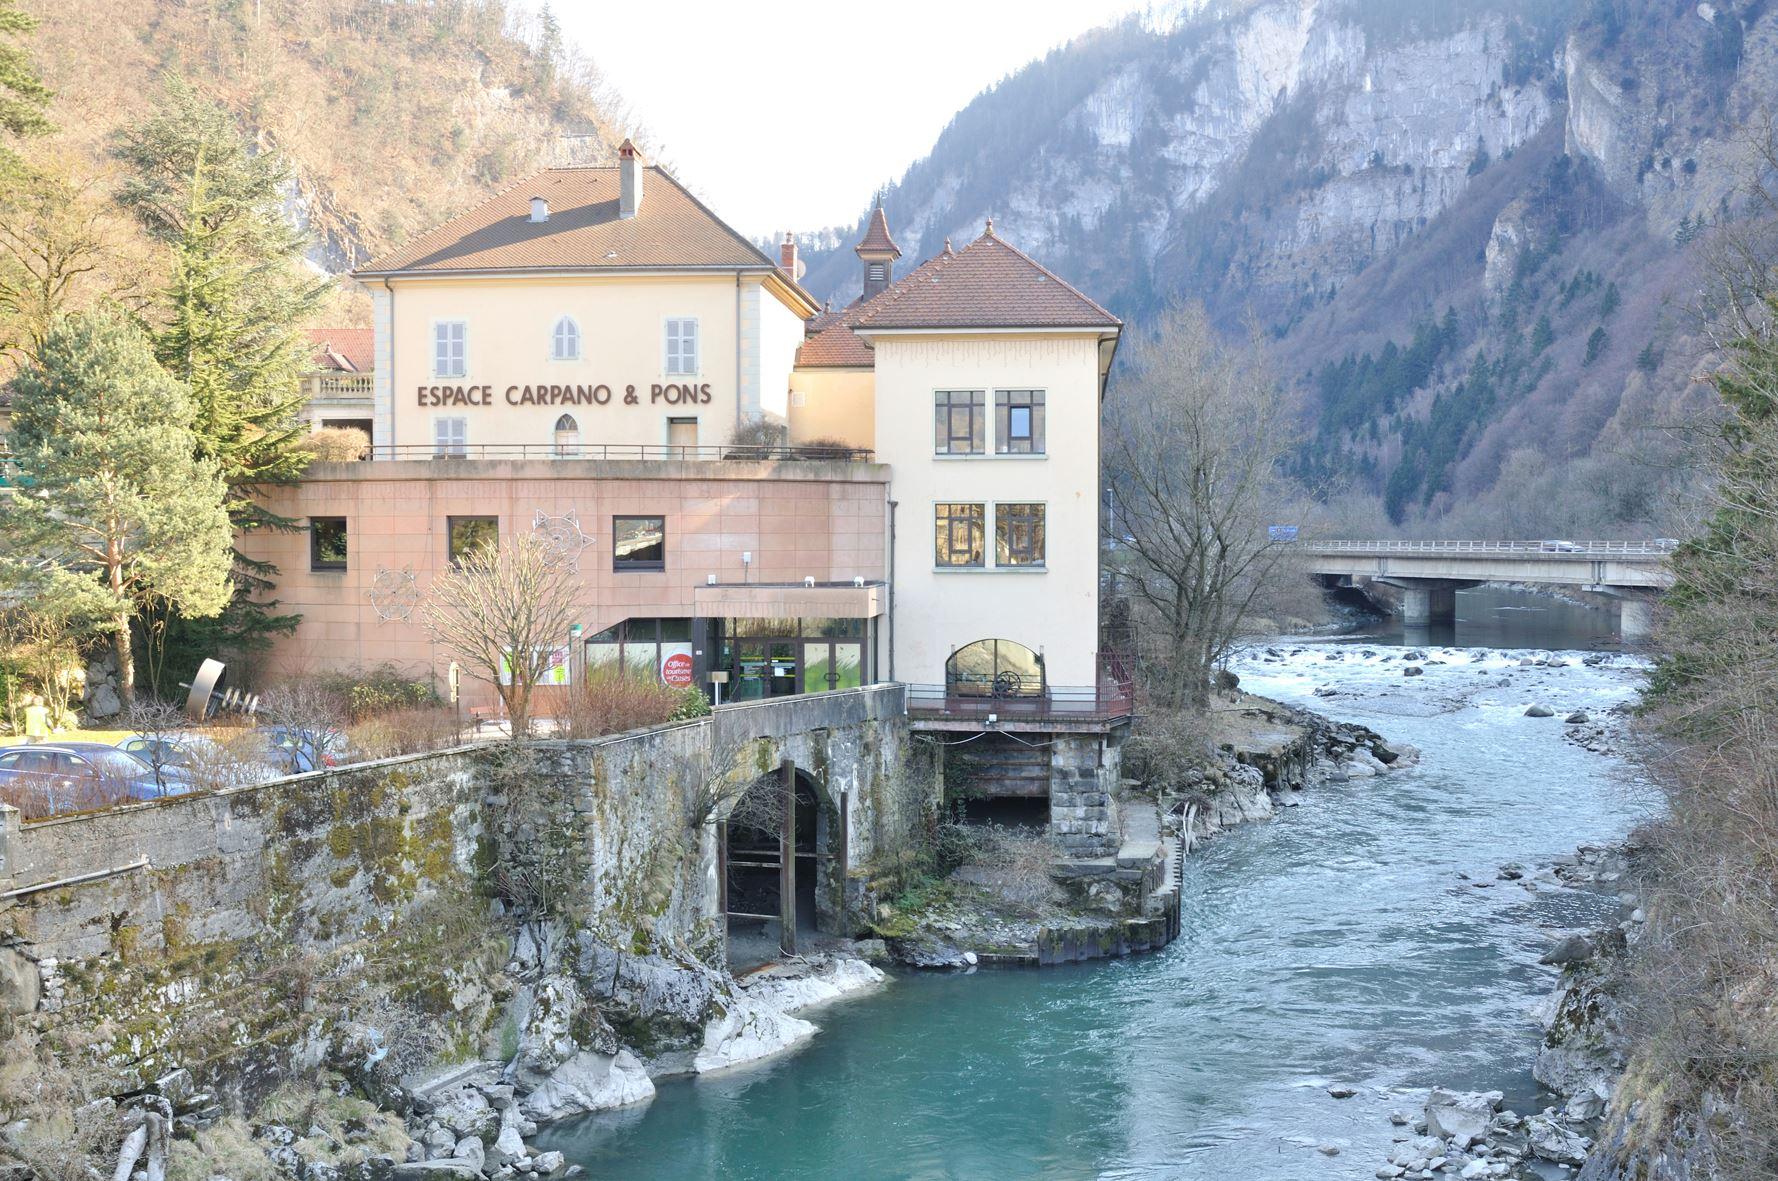 Office de tourisme intercommunal cluses arve et montagnes - Office du tourisme les contamines montjoie 74 ...